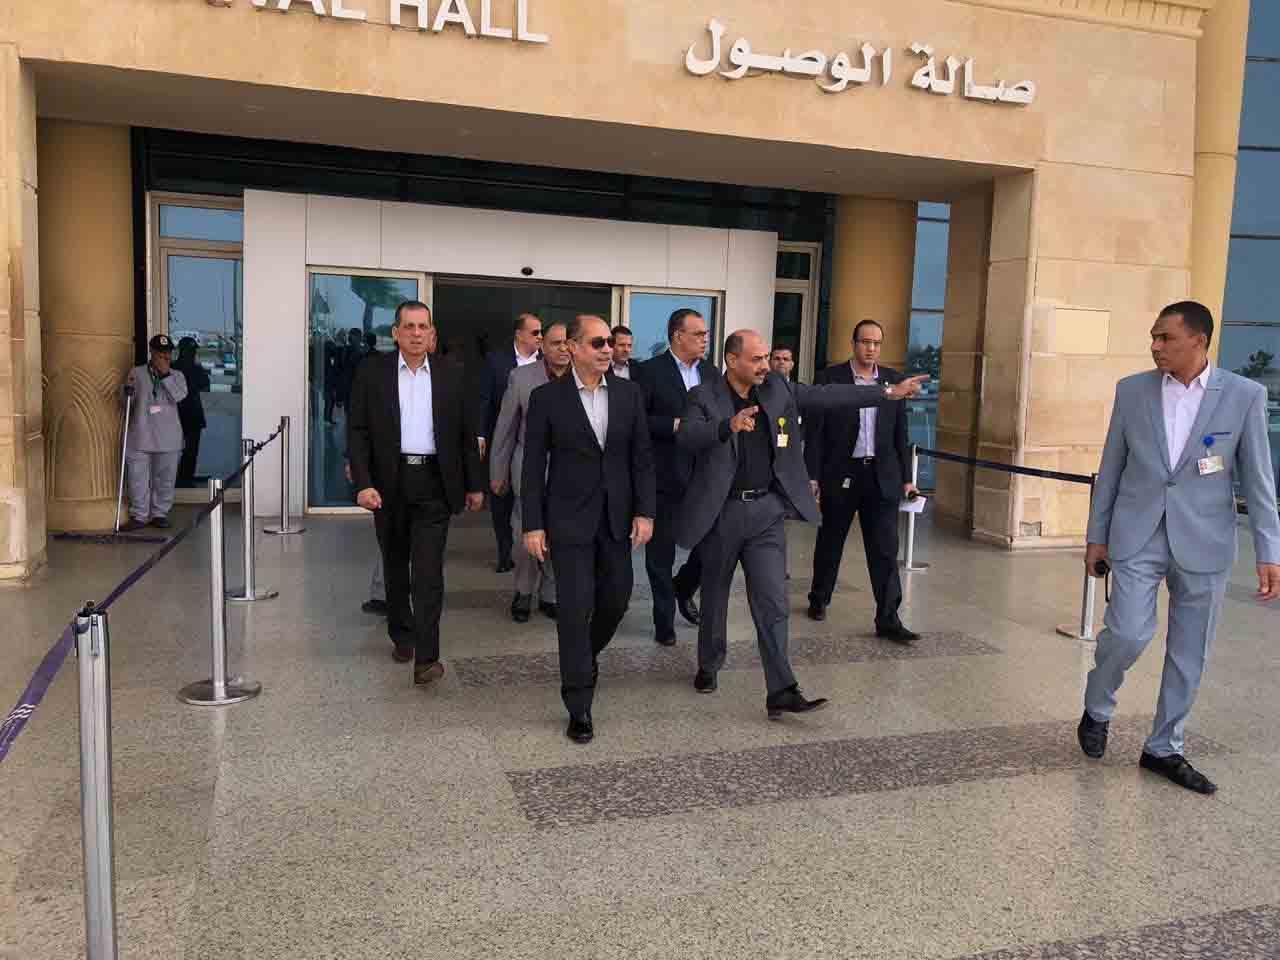 الفريق يونس المصري وزير الطيران المدني يتفقد  مطار سوهاج الدولي